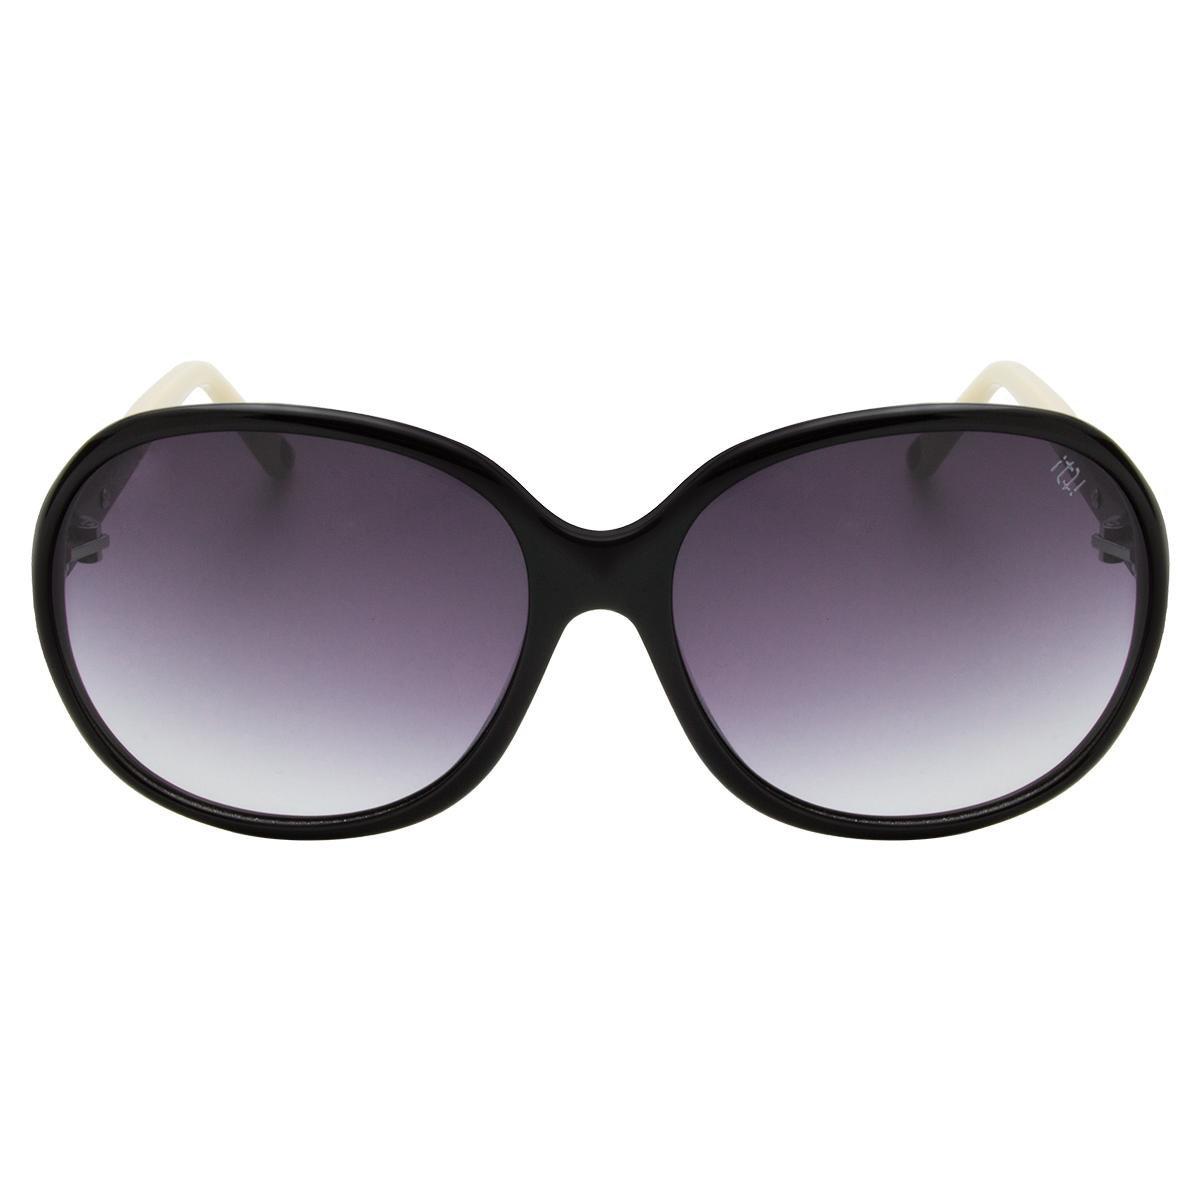 Óculos De Sol It Eyewear Glam A101 - C1 - Feminino - Compre Agora ... 63db027e9f